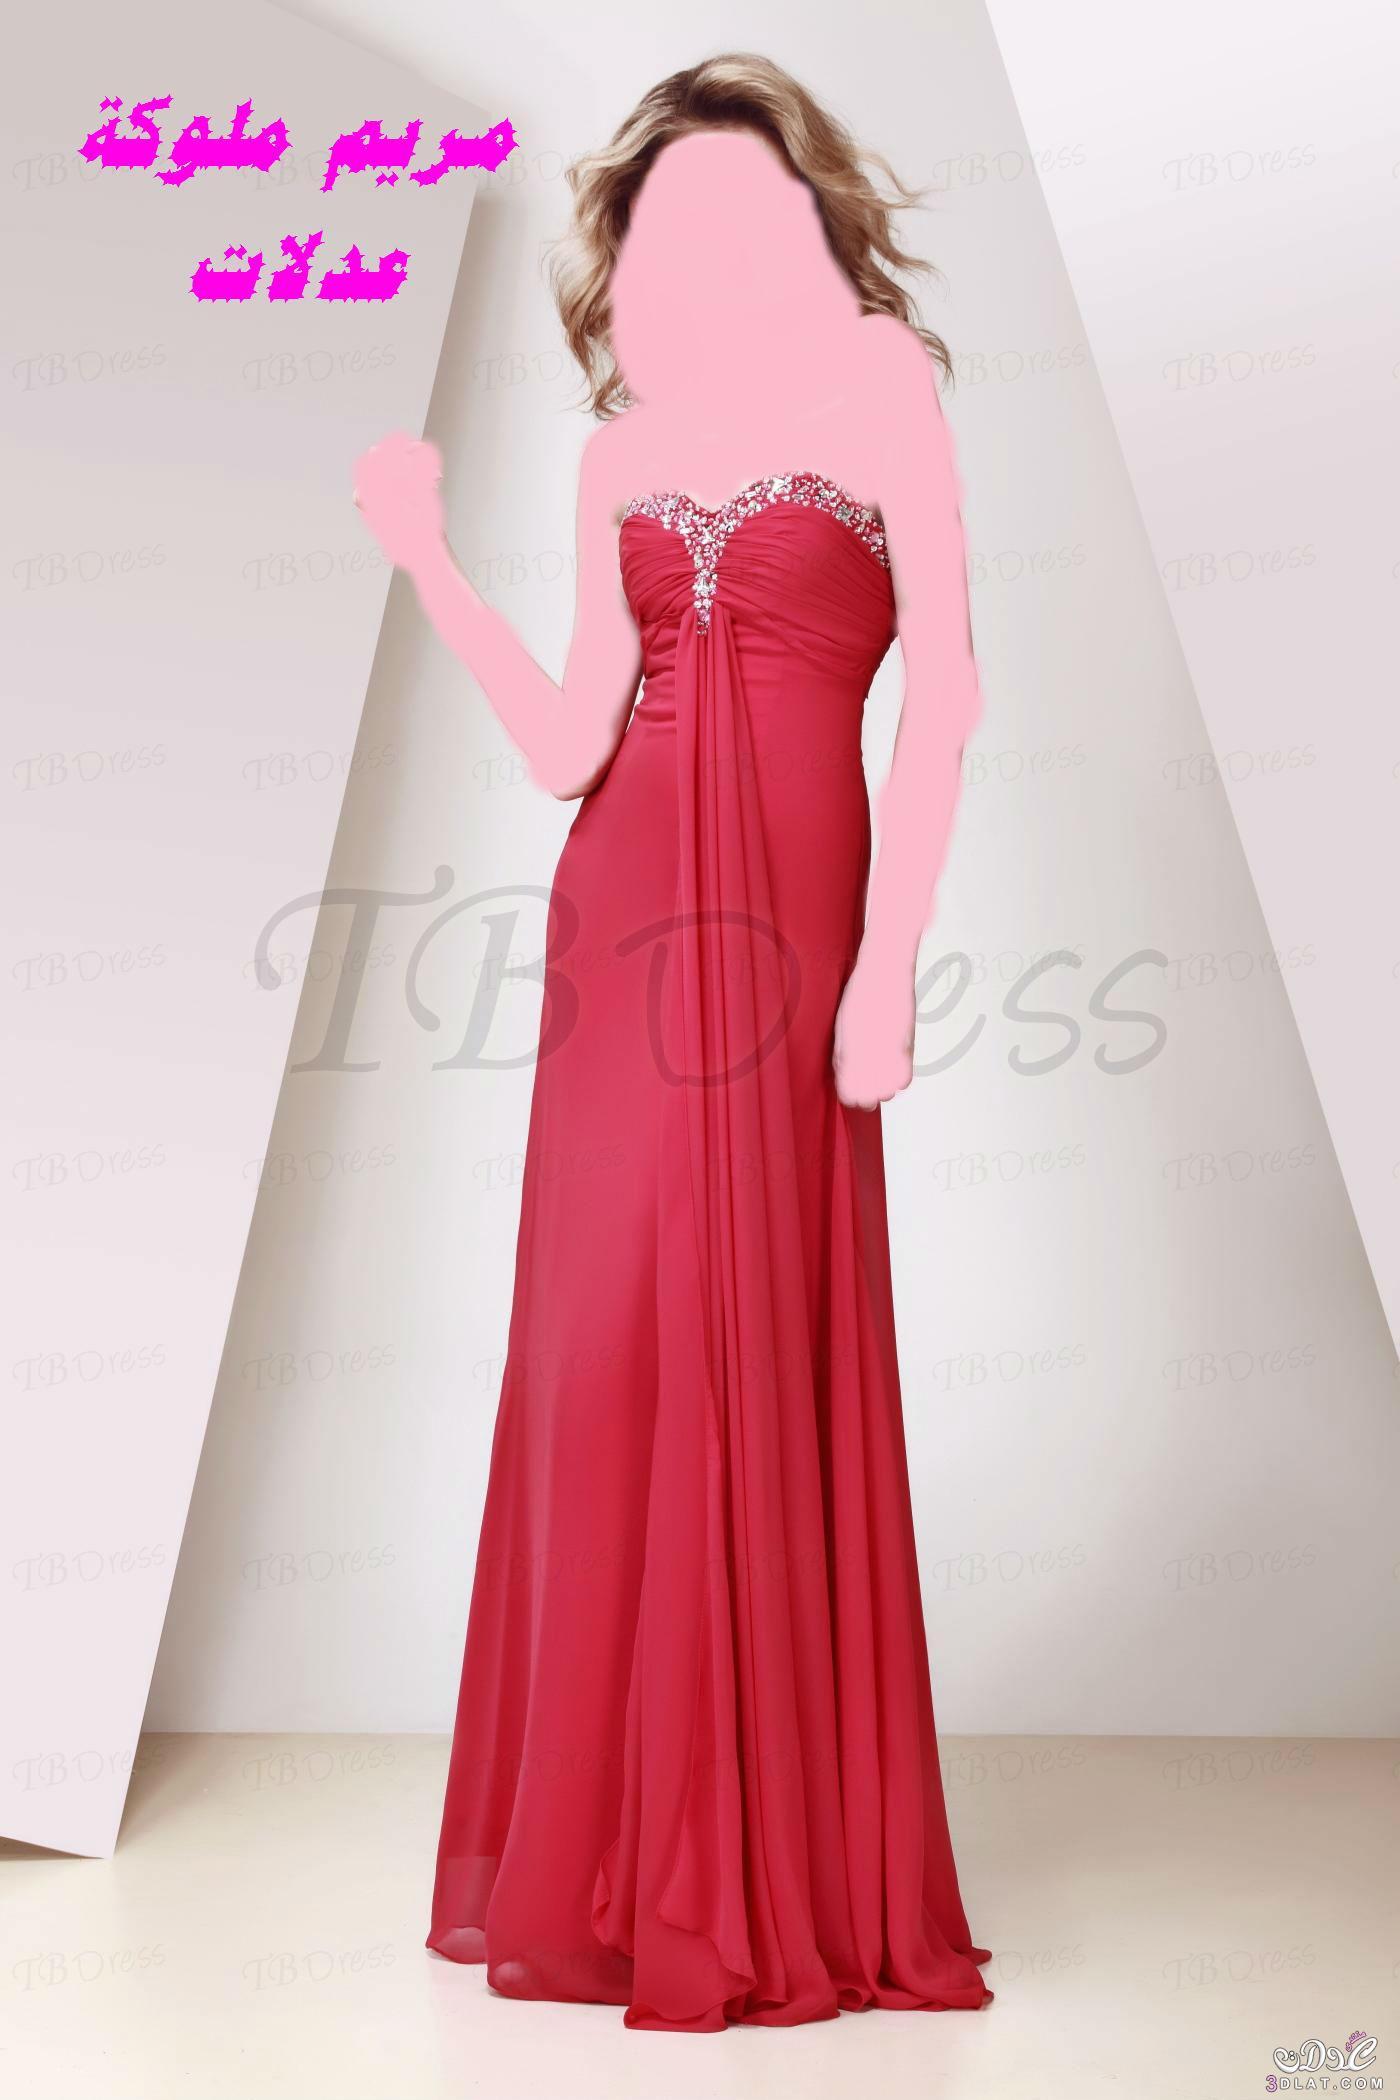 ازياء وفساتين سهرة فساتين سهرة جميلة 3dlat.com_1407095250